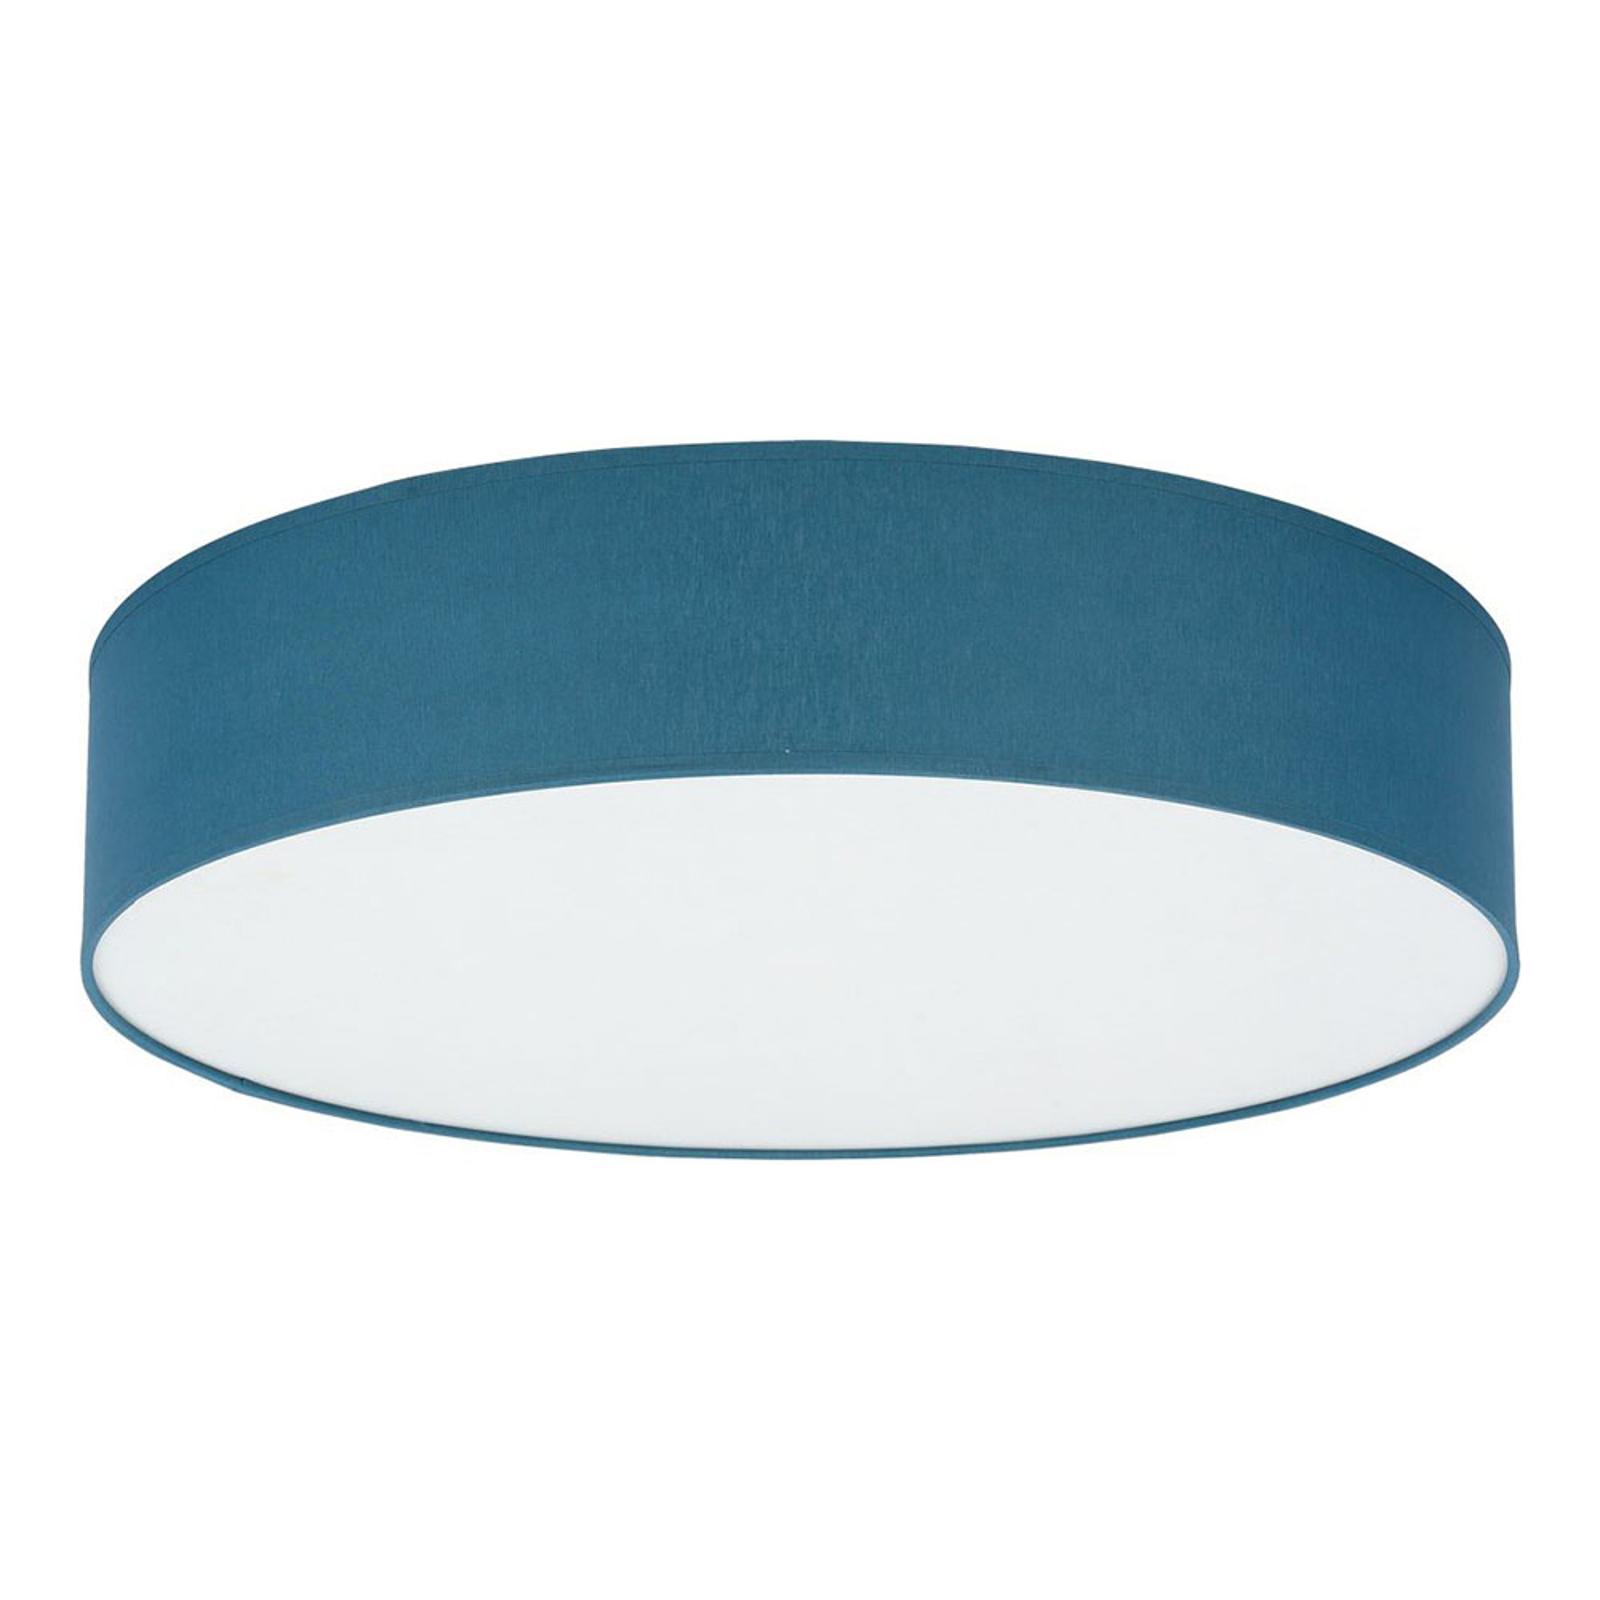 Deckenleuchte Rondo, blau Ø 60 cm